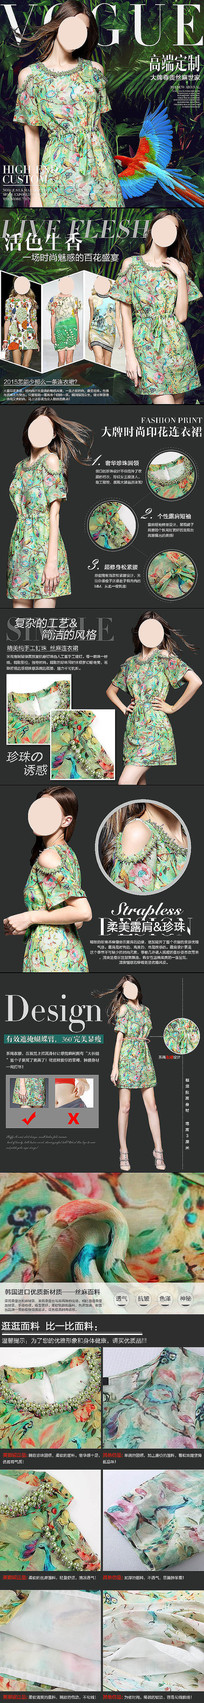 时尚裙子详情页优化psd